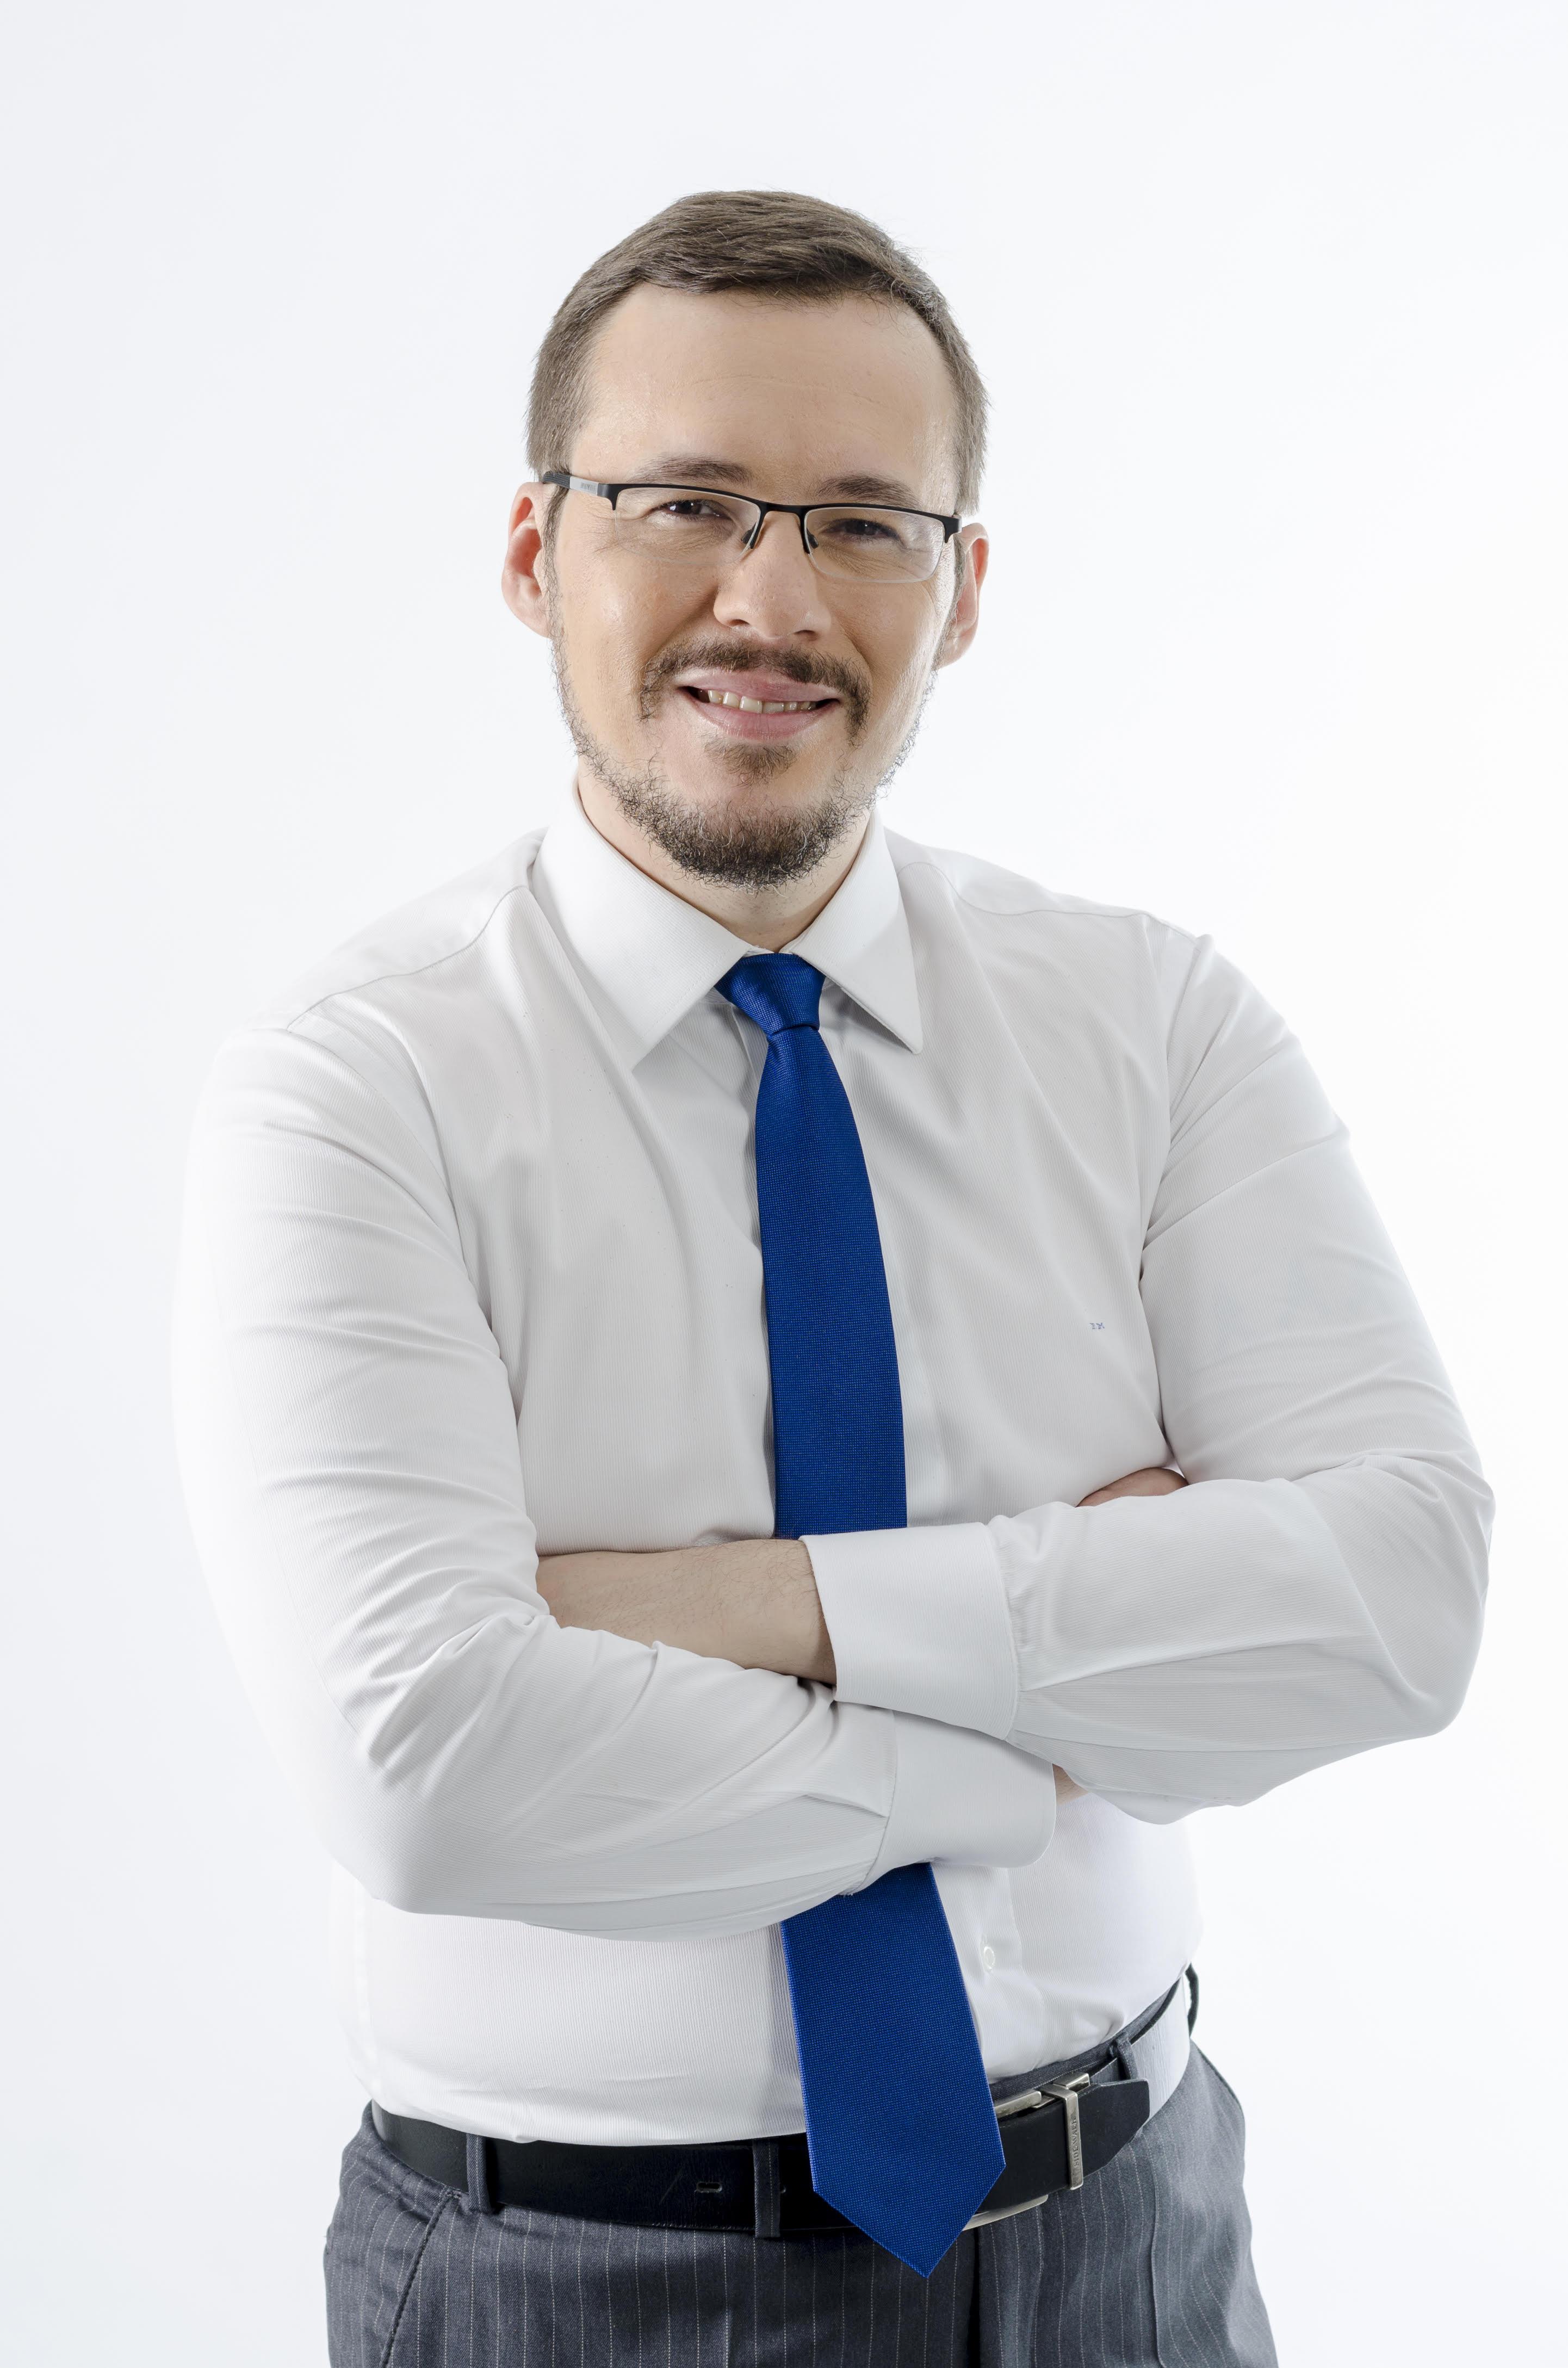 FLÁVIO MARTINS